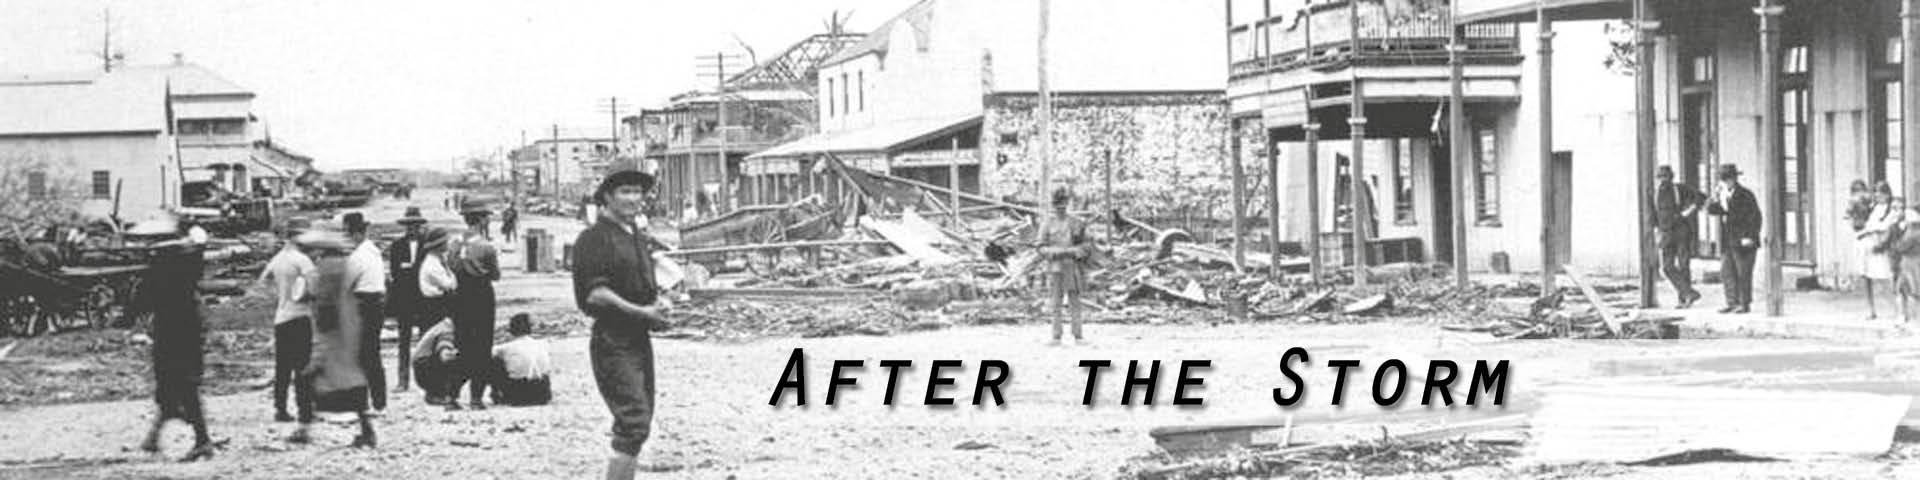 After the storm slider 01